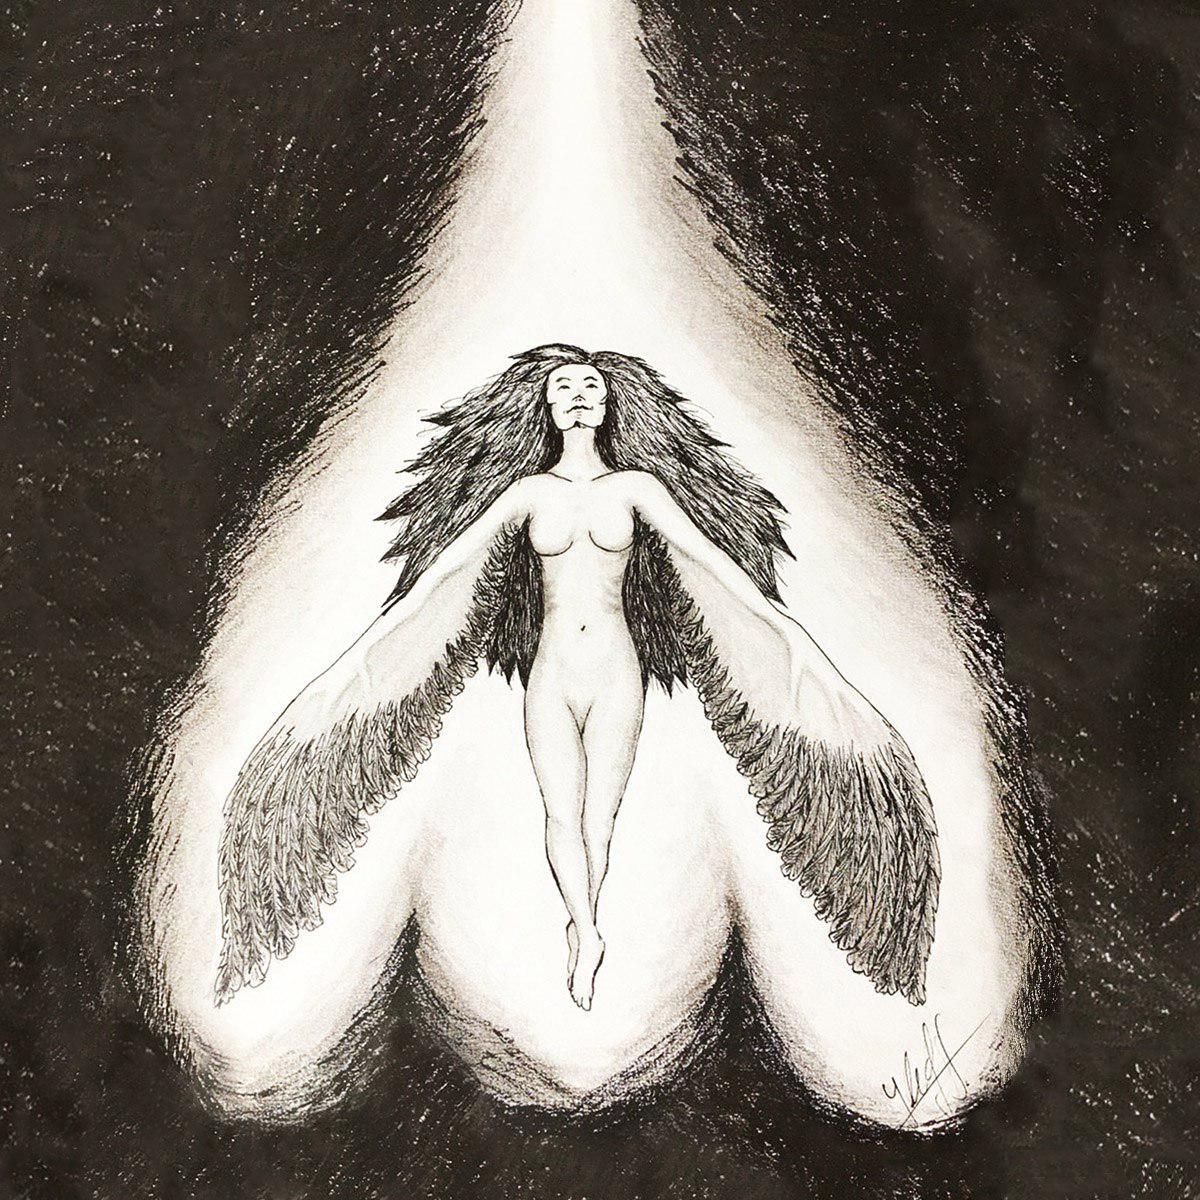 Ilustración con fondo negro, una mujer con pelo, desnuda largo y brazos que terminan en alas se encuentra iluminada desde arriba por un rayo de luz blanca